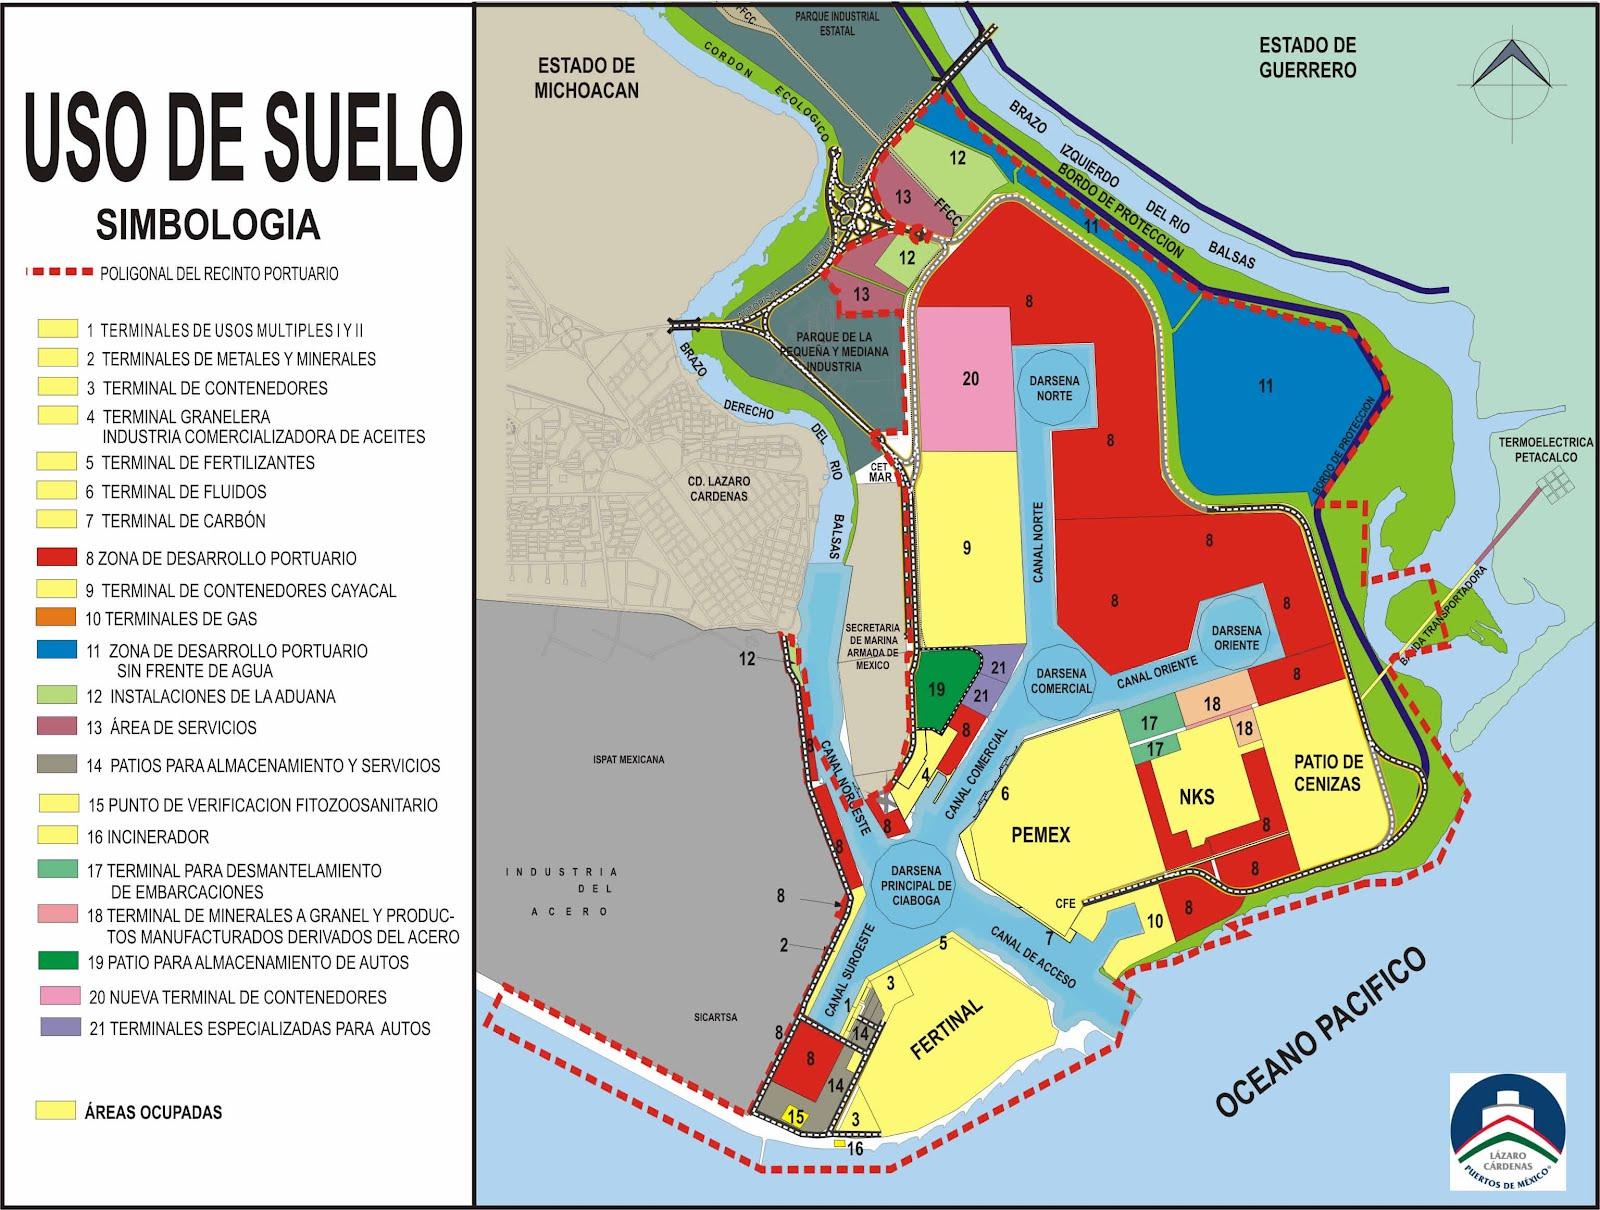 Administraci n 2 febrero 2012 for 4 usos del suelo en colombia